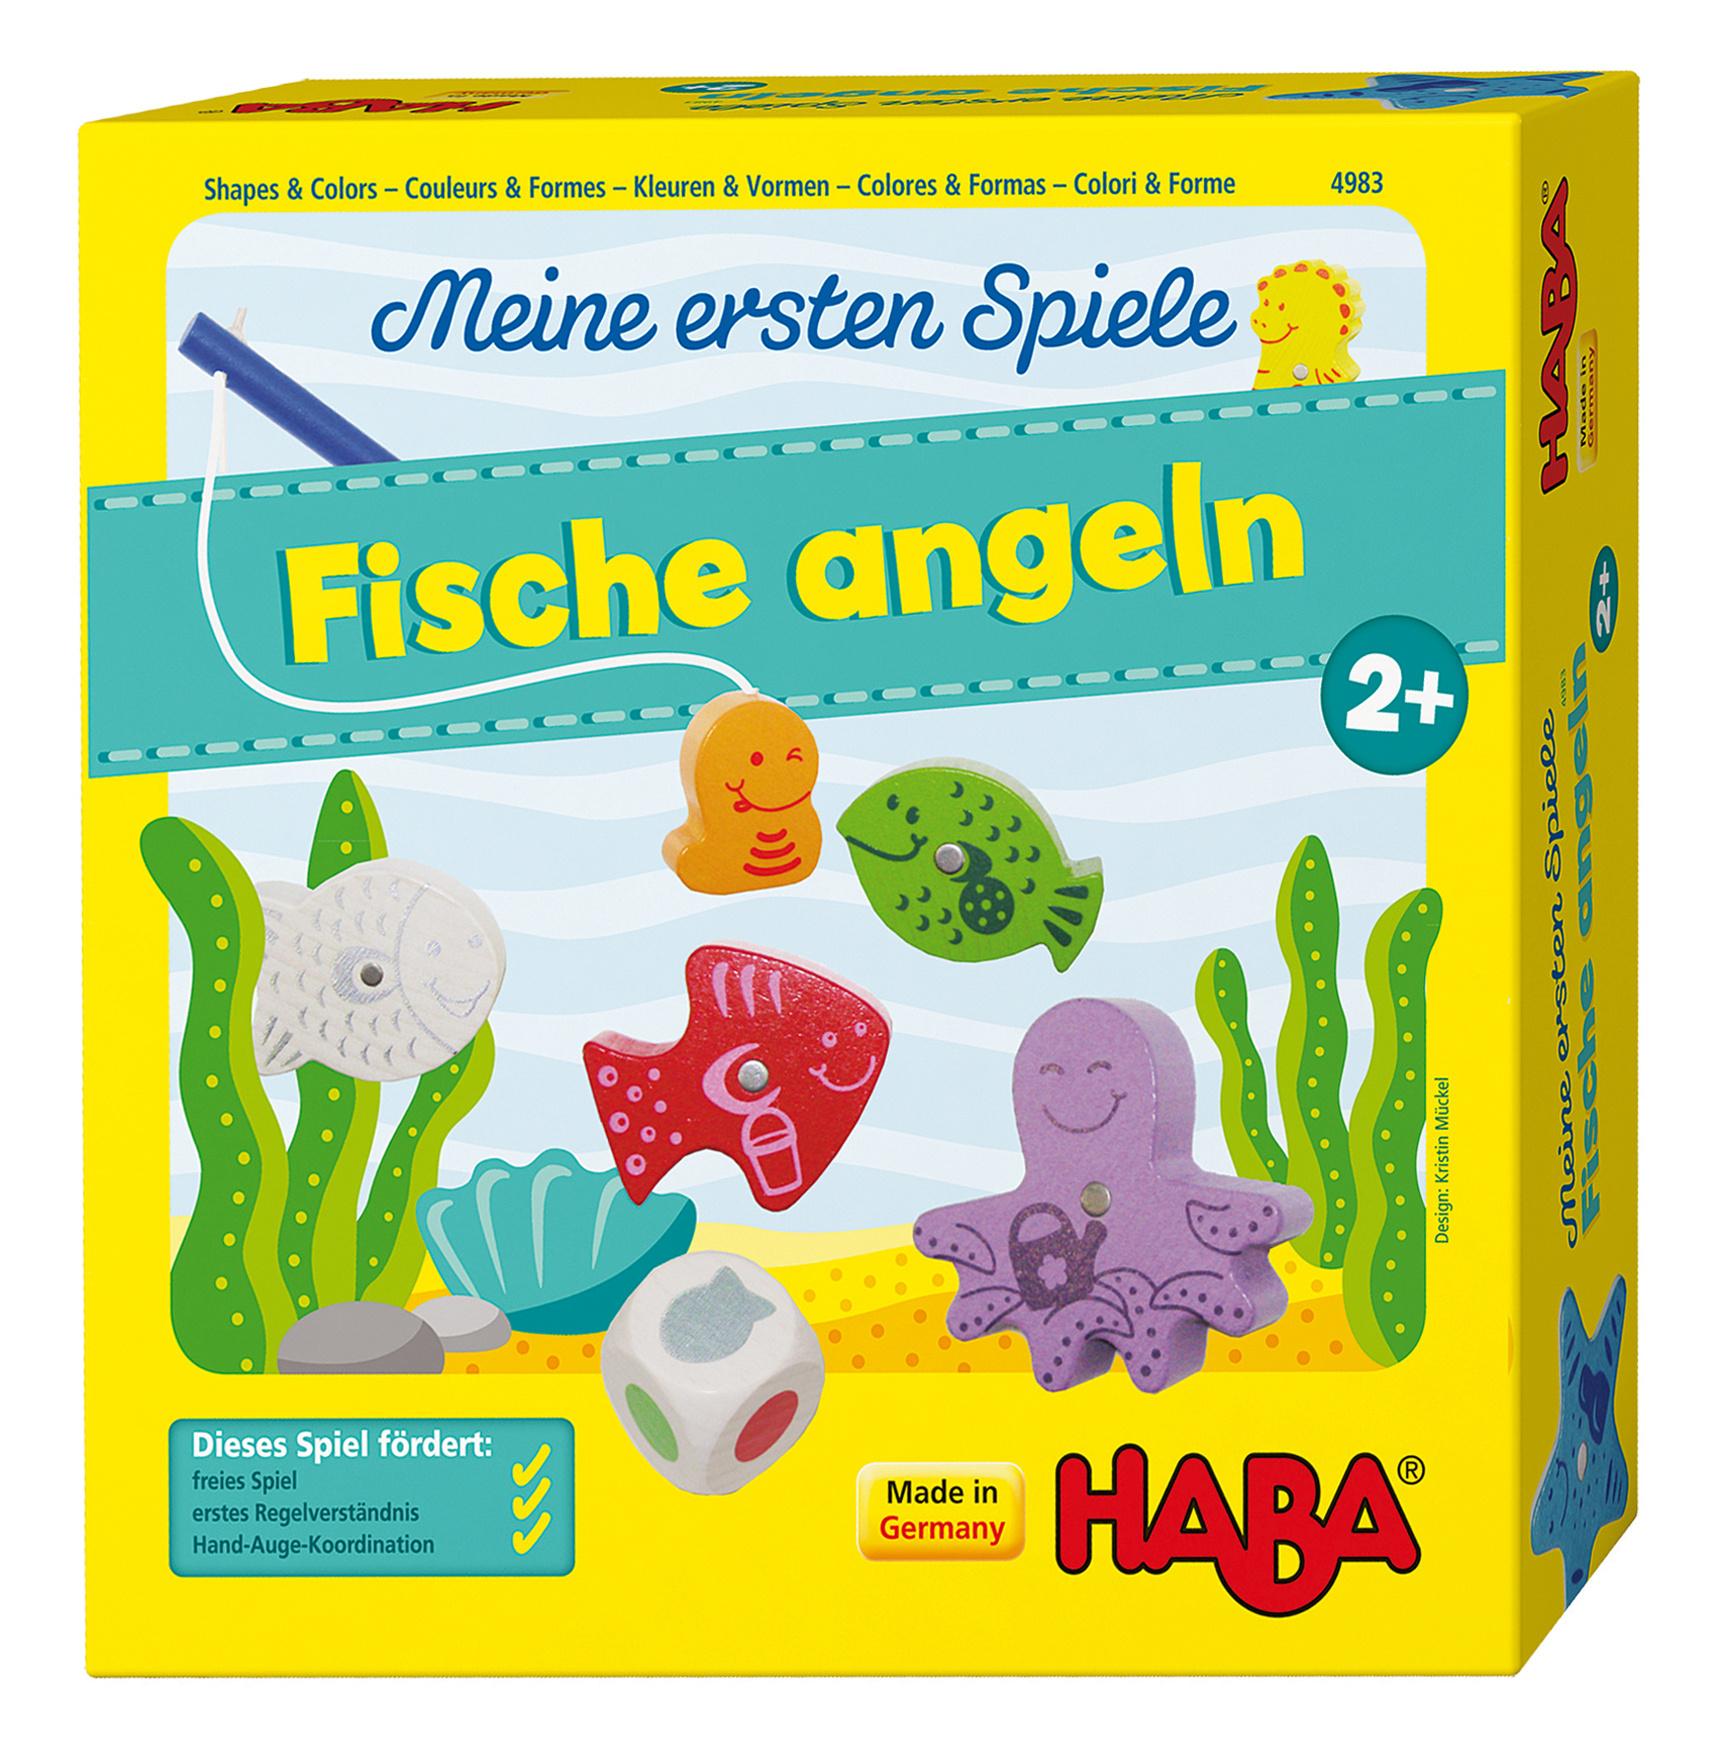 Haba 4983 Meine ersten Spiele Fische angeln | Weltbild.at